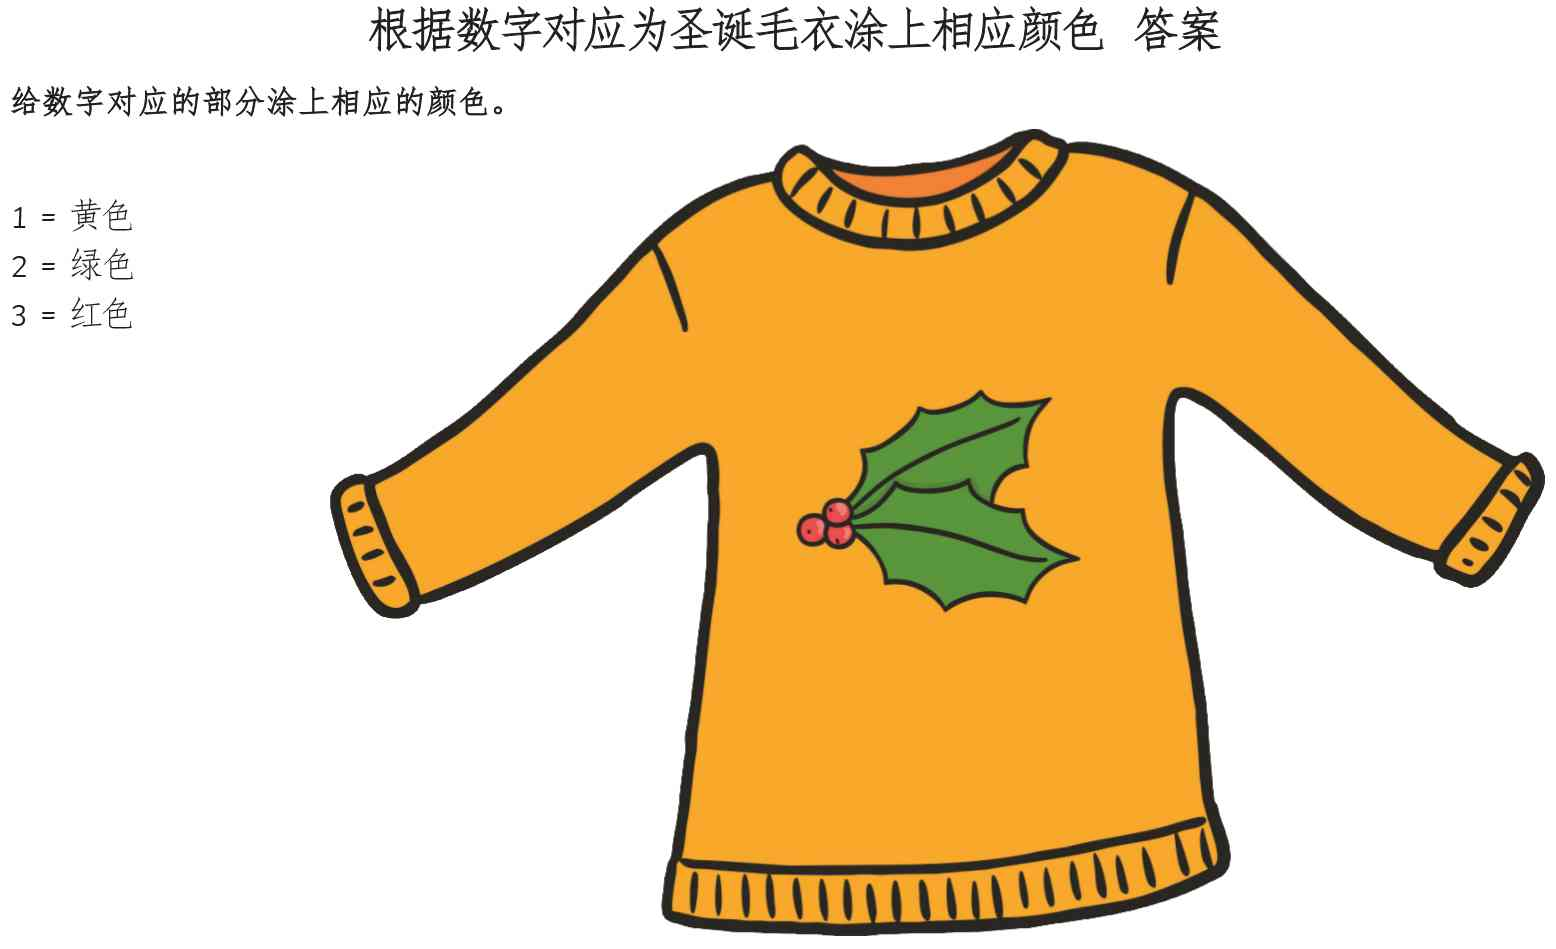 Twinkl-小学高年级-艺术-圣诞毛衣主题练习集